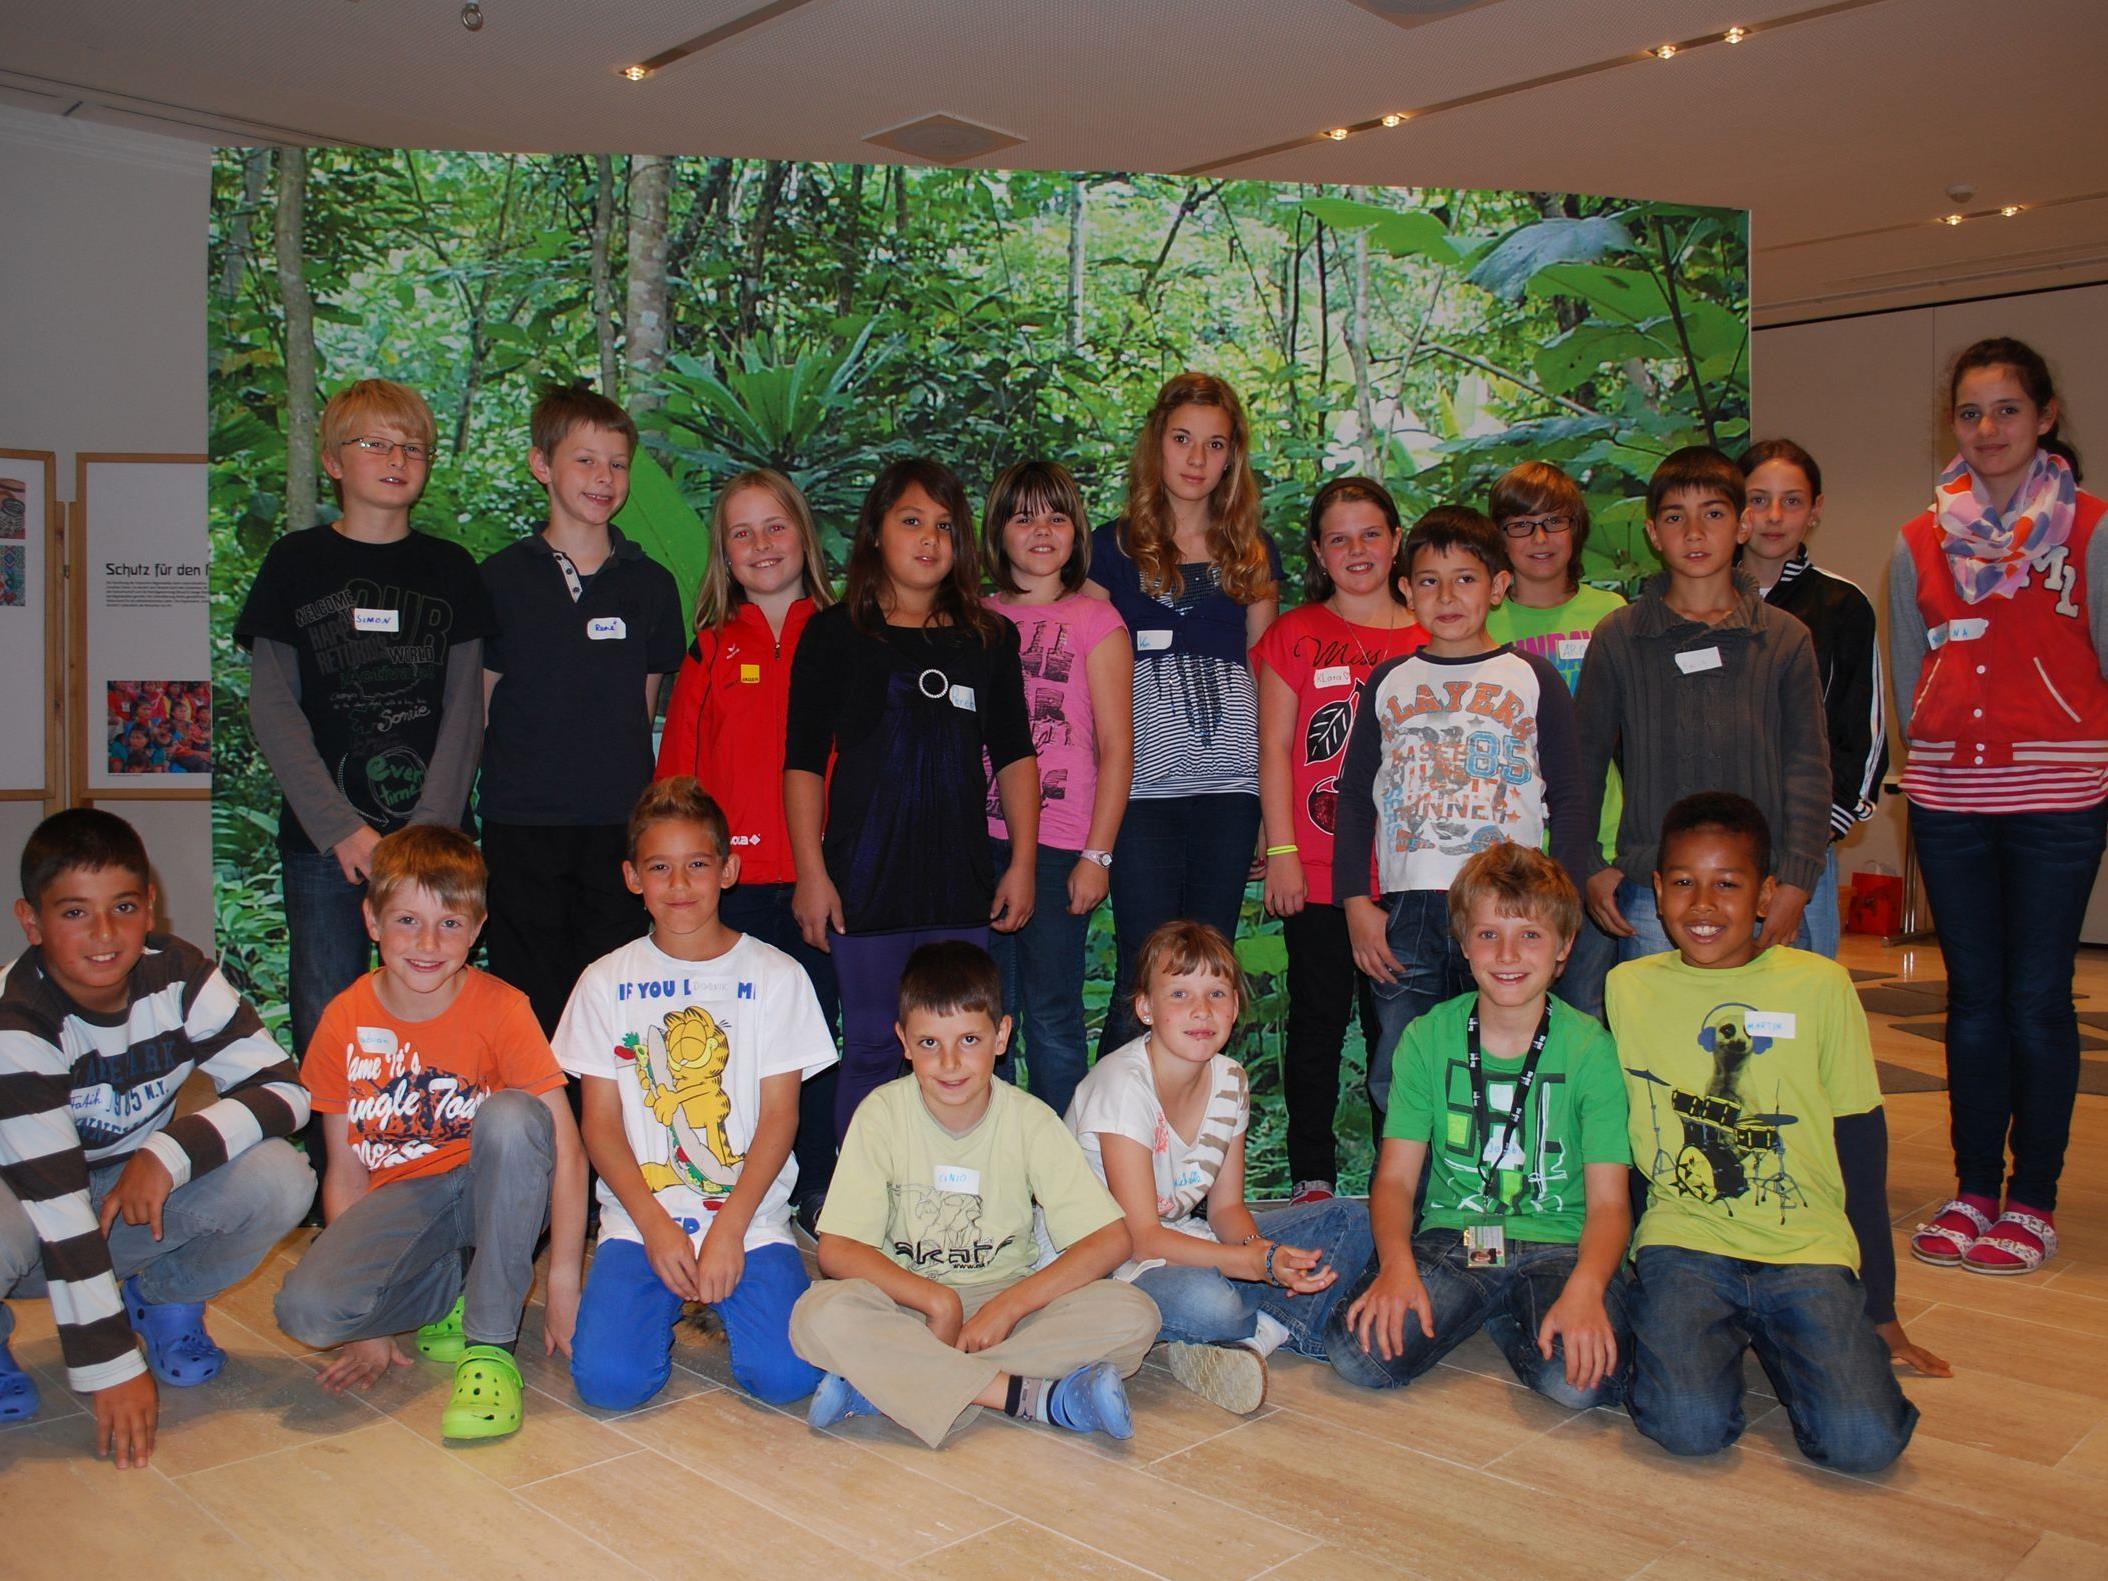 Die vierte Klasse der Volksschule Montfort bei der Klimabündnisausstellung mit dem Schwerpunkt Regenwald